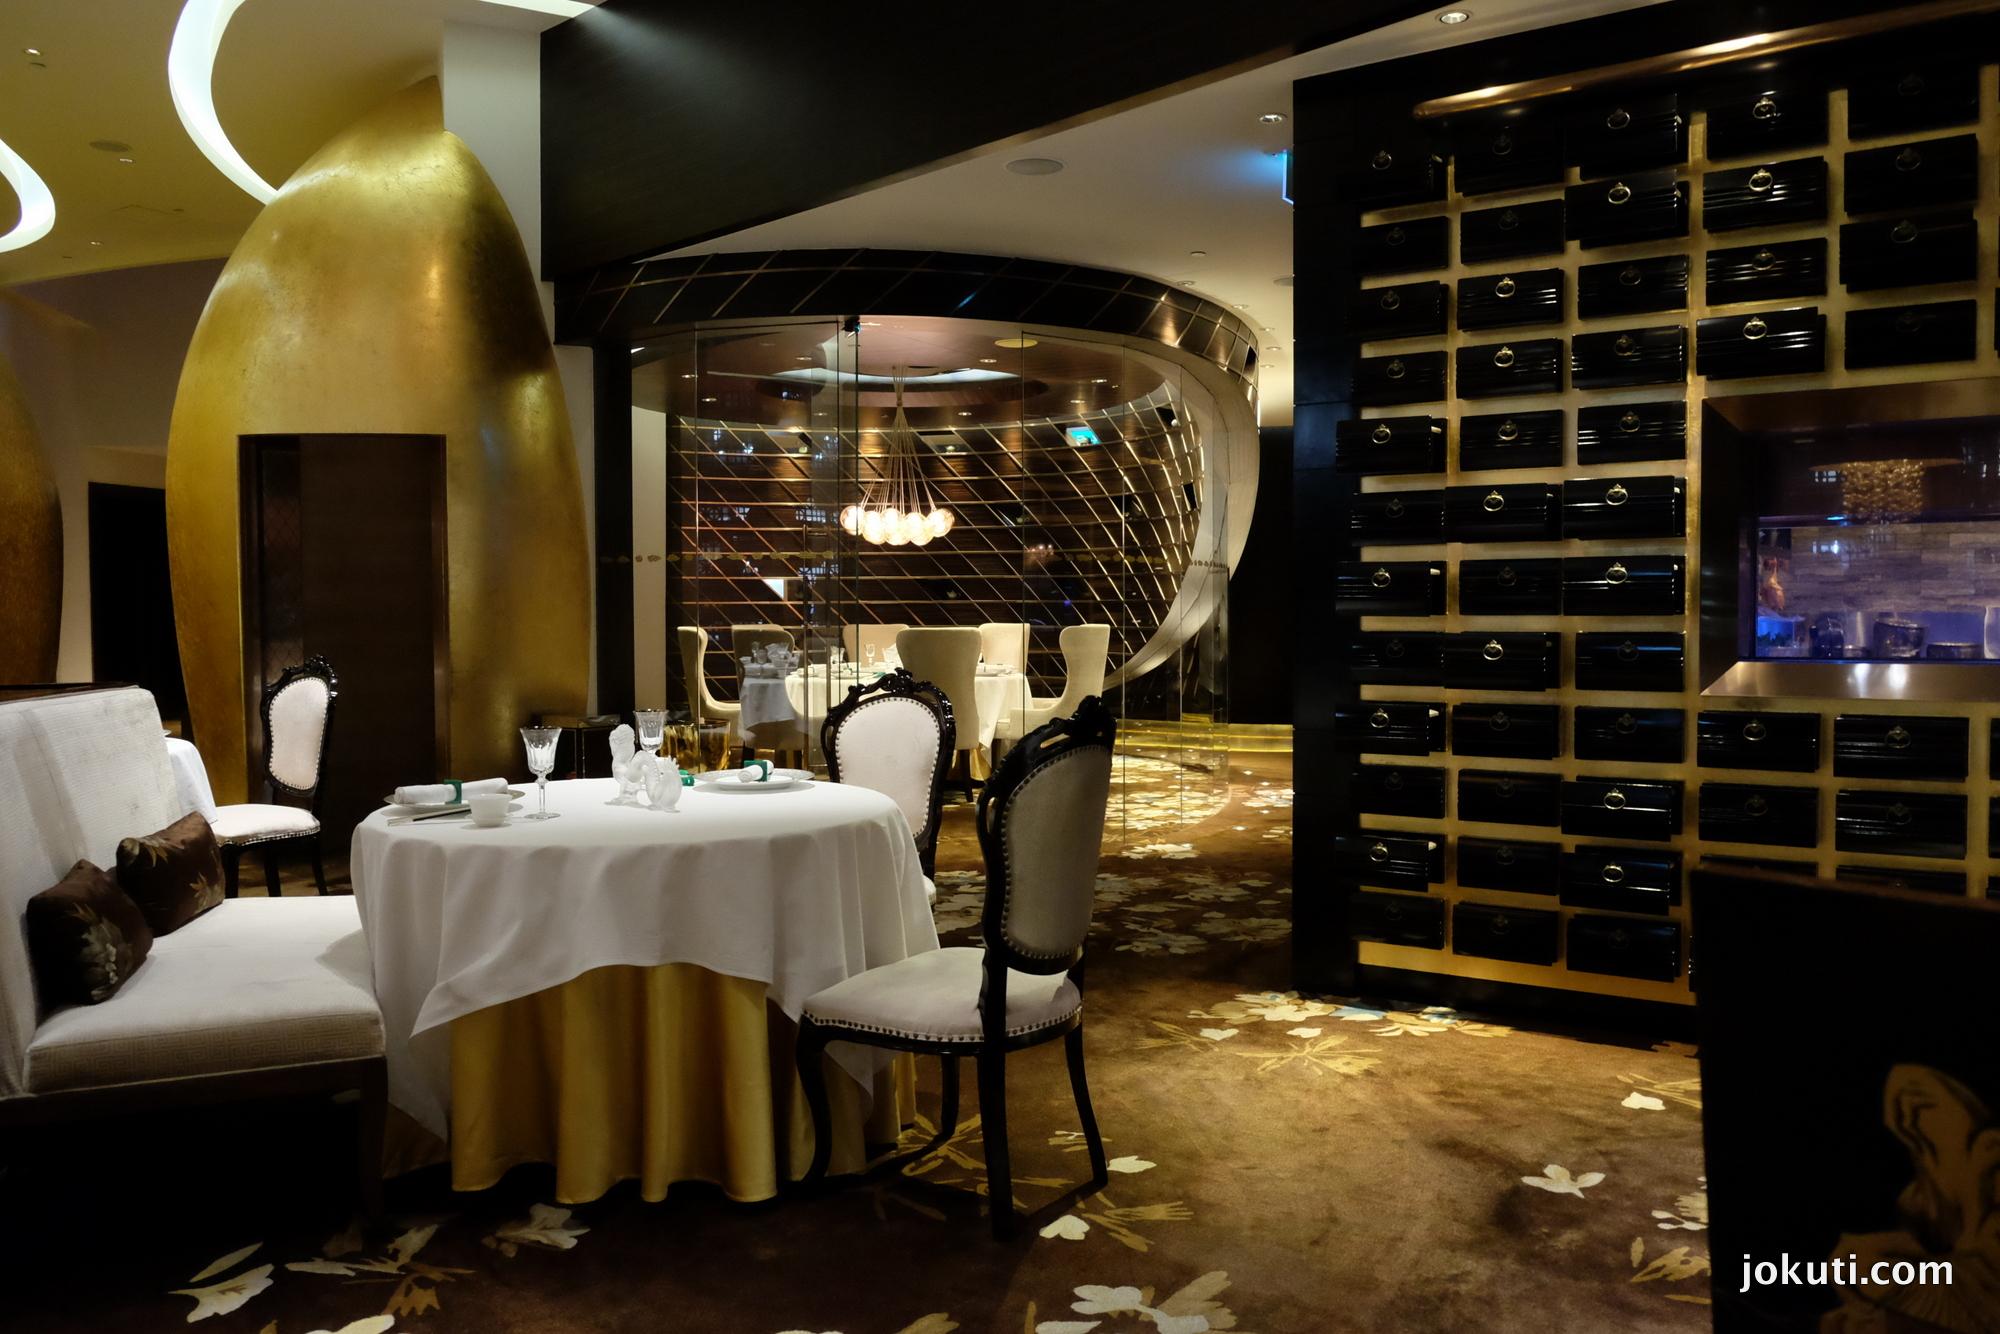 dscf6820_jade_dragon_restaurant_cantonese_chinese_michelin_macau_makao_china_kinai_vilagevo_jokuti.jpg